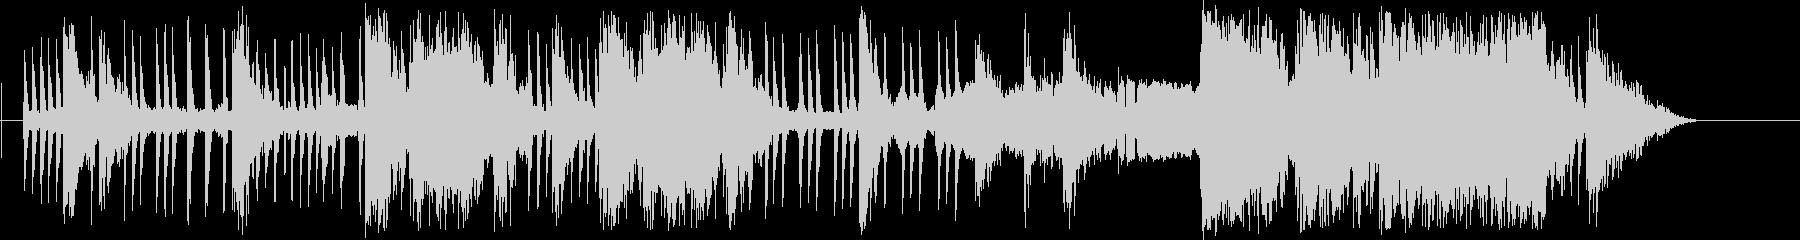 イースタードラムとフォアマンの未再生の波形